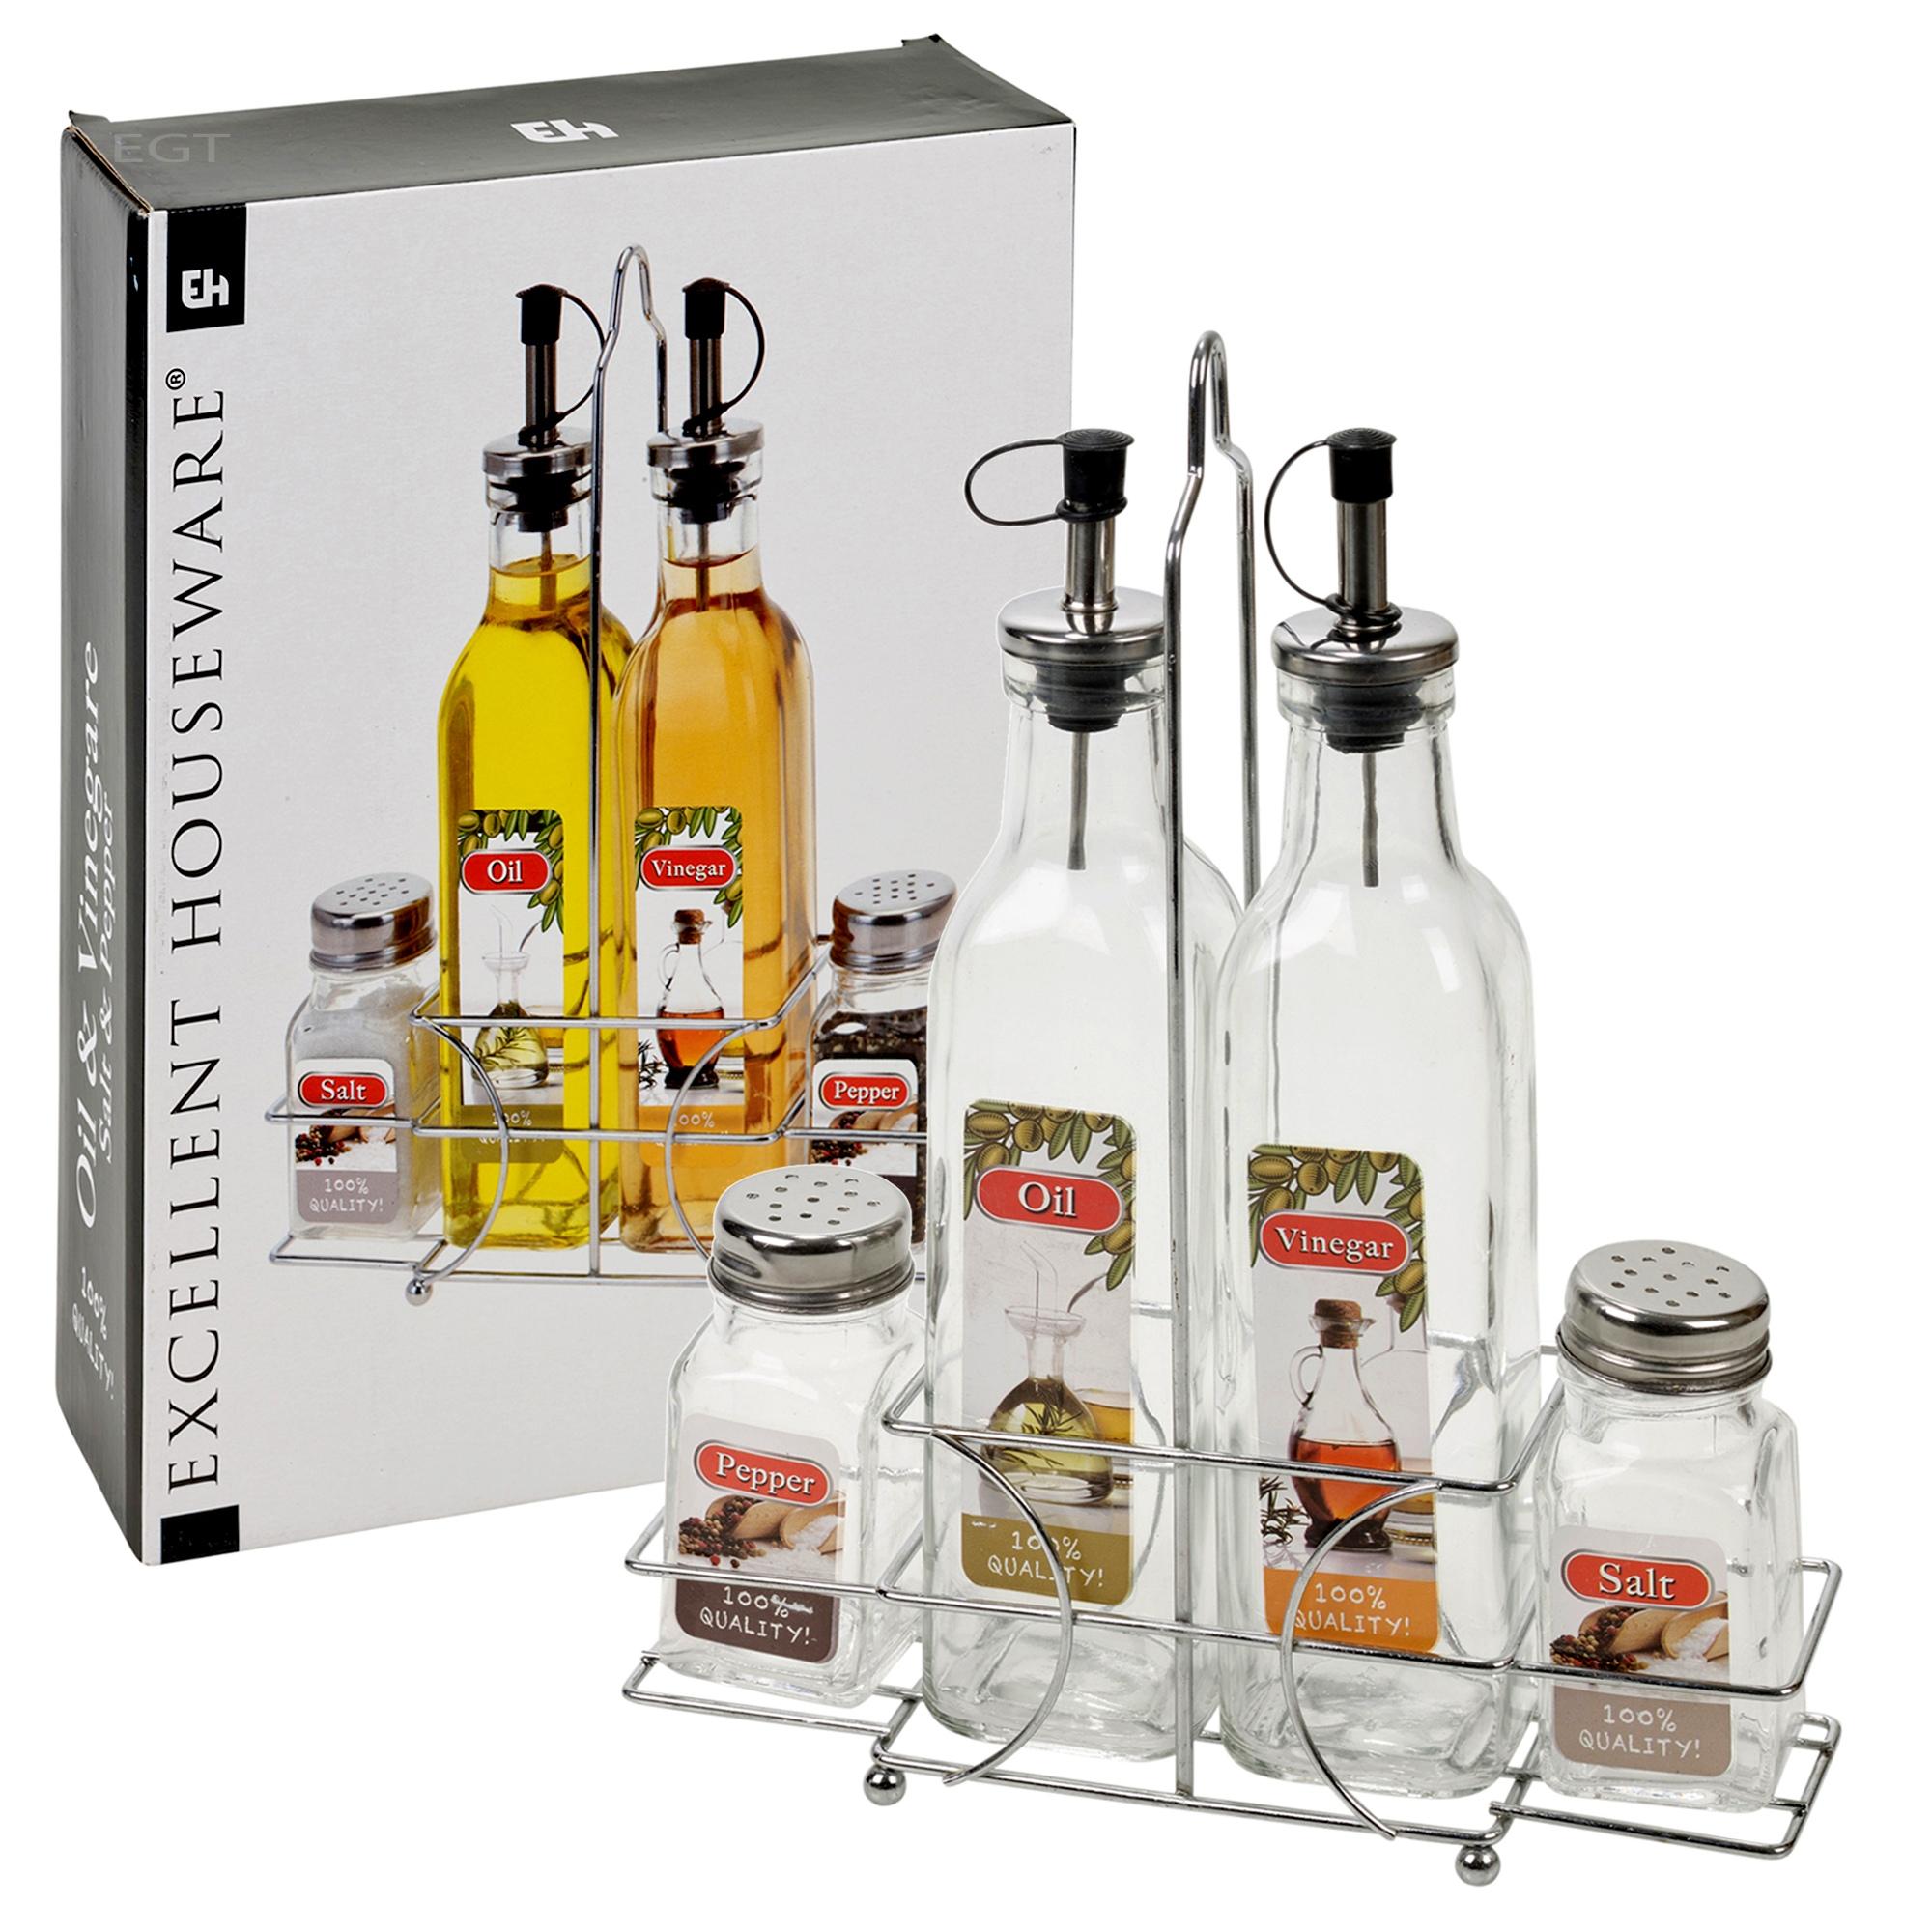 5 pcs home oil vinegar salt pepper glass bottle cruet dispenser rack holder ebay - Salt and pepper cruet set ...